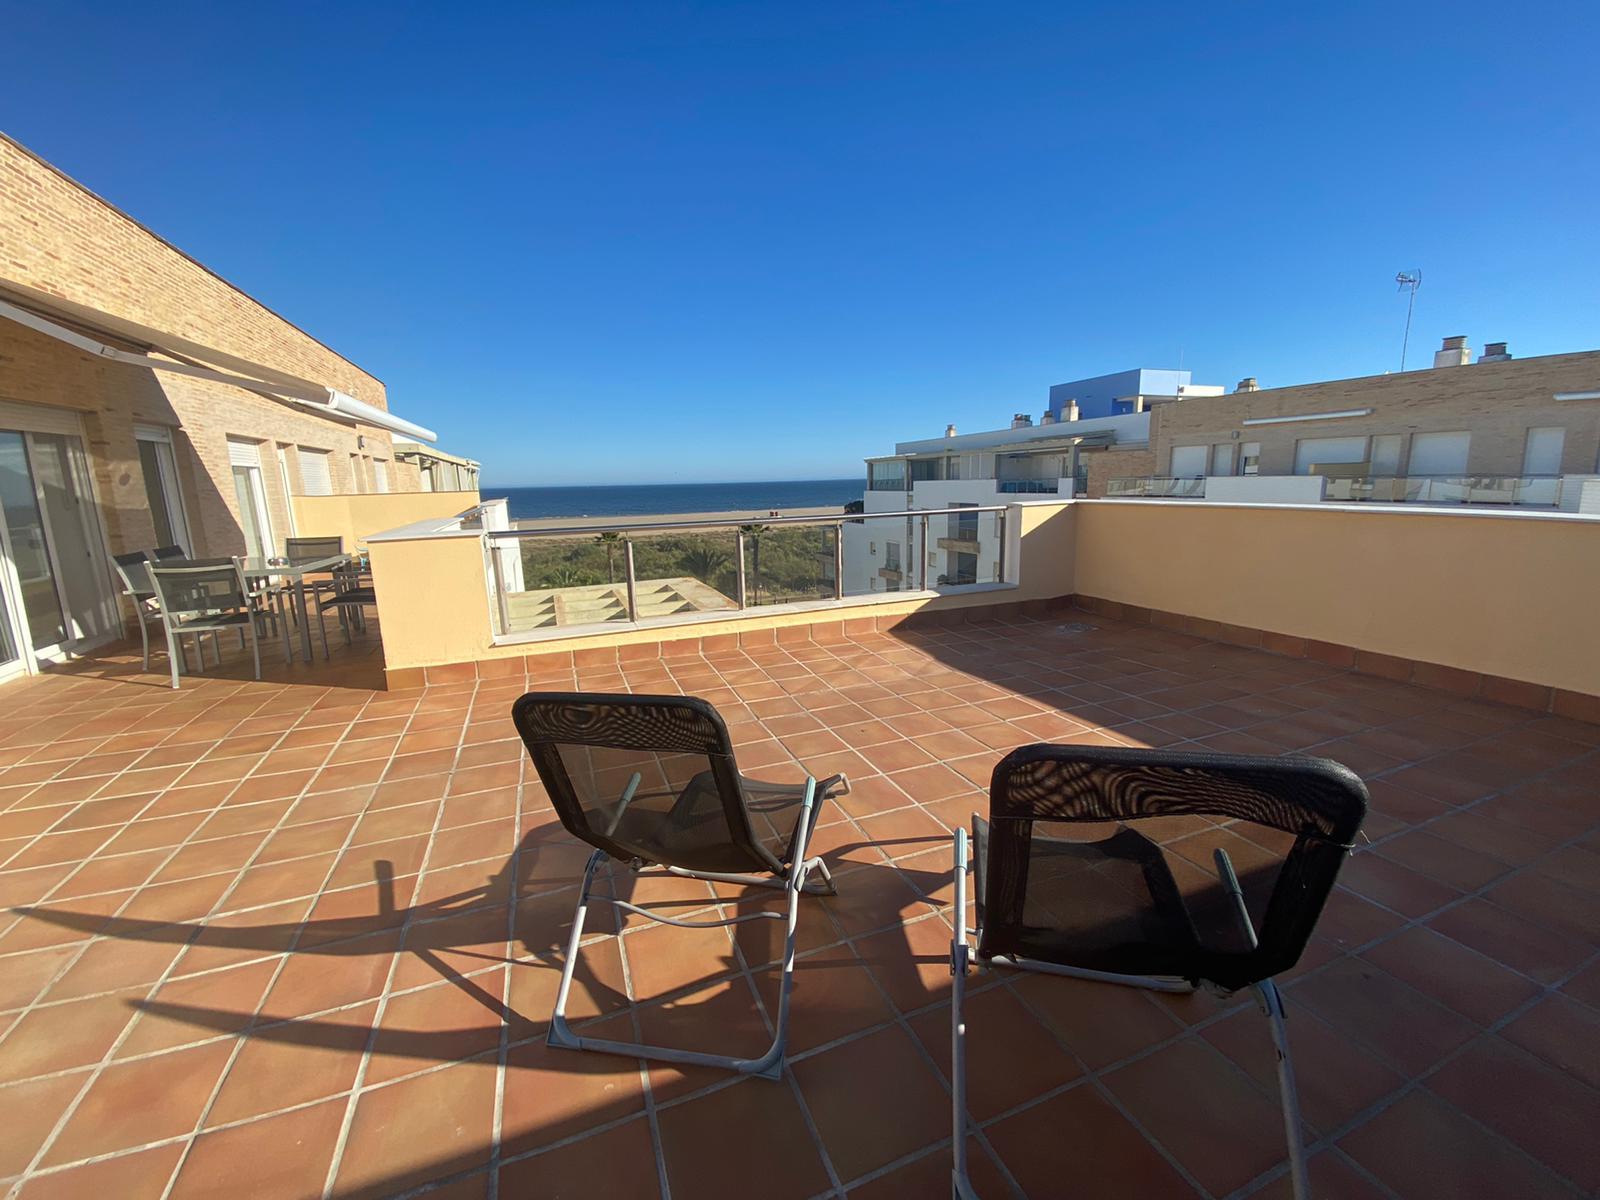 Imagen 1 del Apartamento Turístico, Ático 7 Levante (3d +2b), Punta del Moral (HUELVA), Paseo de la Cruz nº22